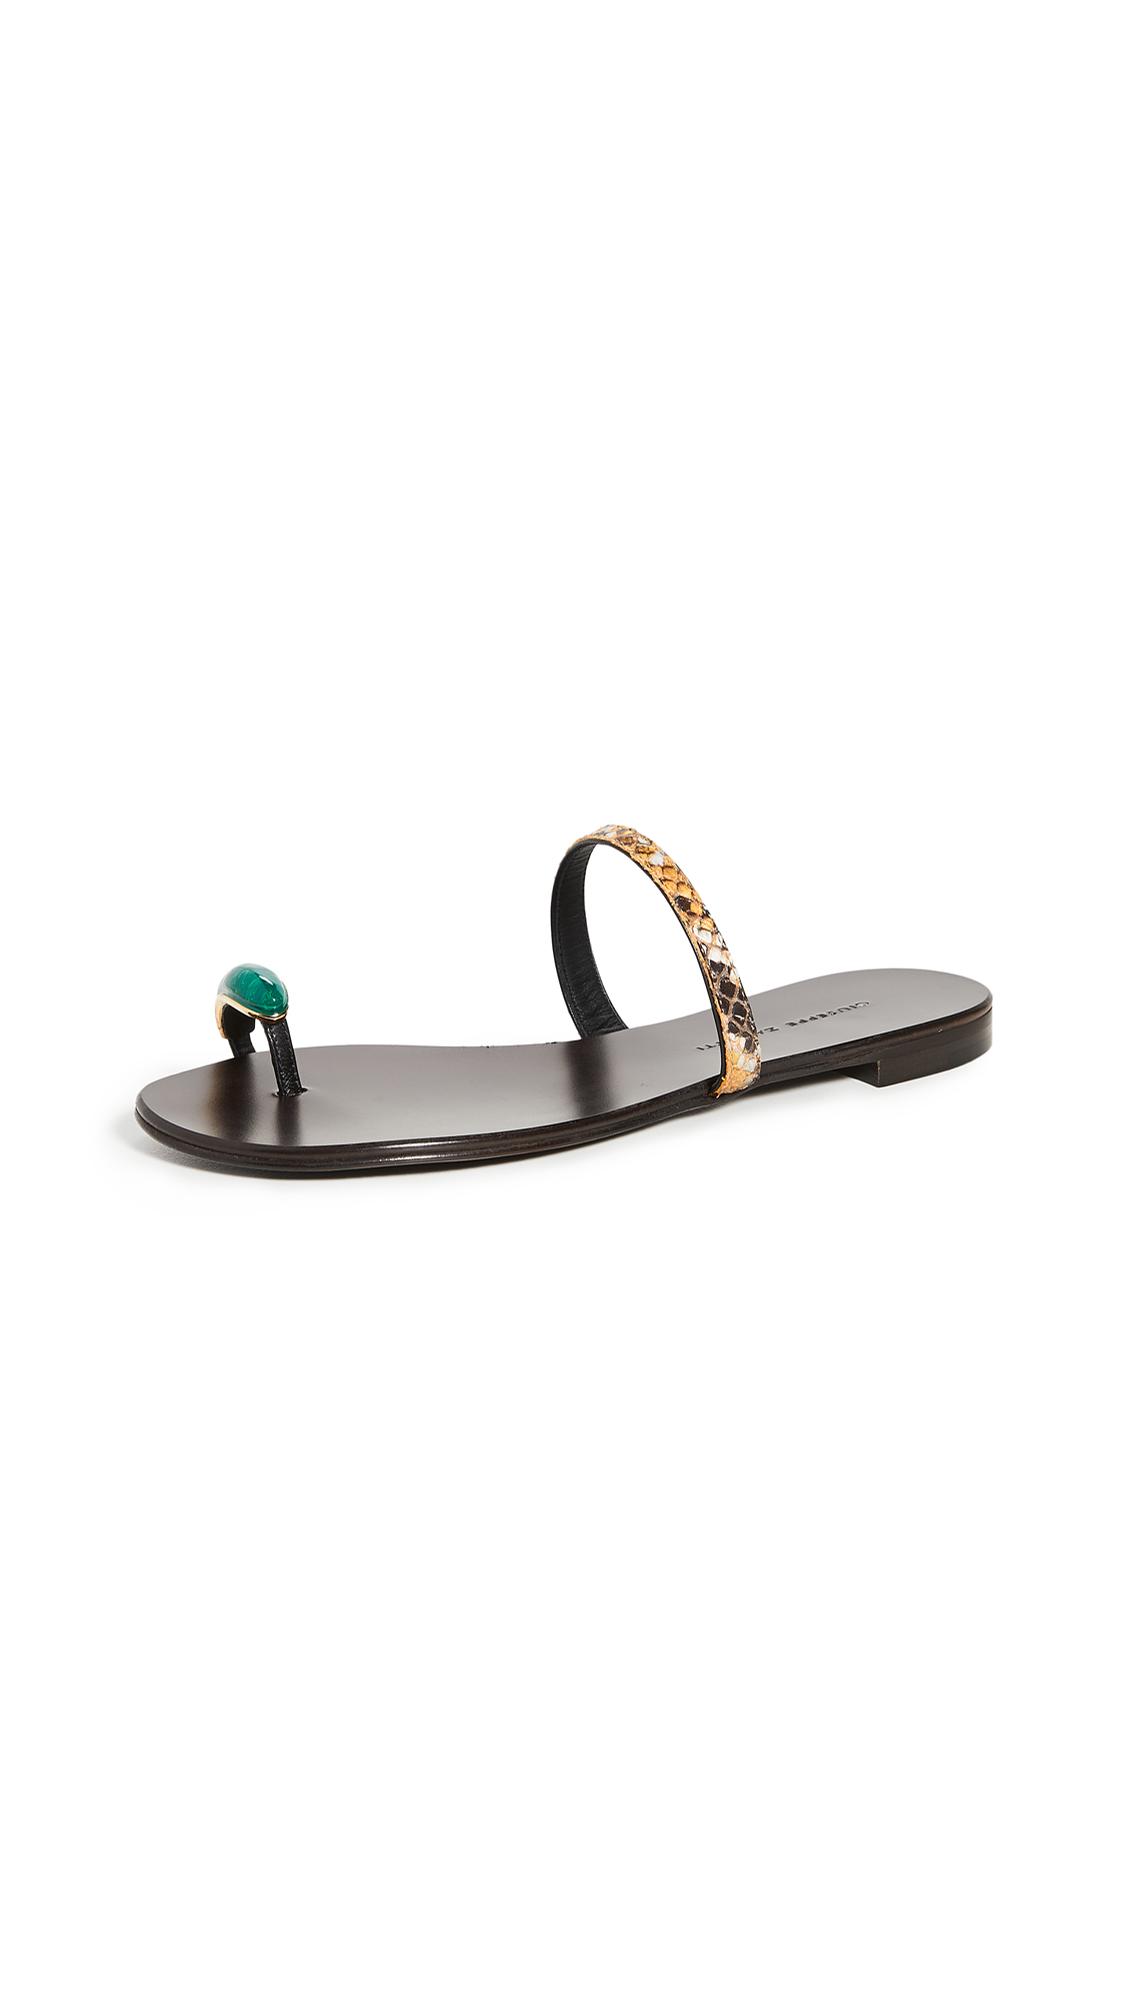 Buy Giuseppe Zanotti Nuvòrock 10 Slides online, shop Giuseppe Zanotti